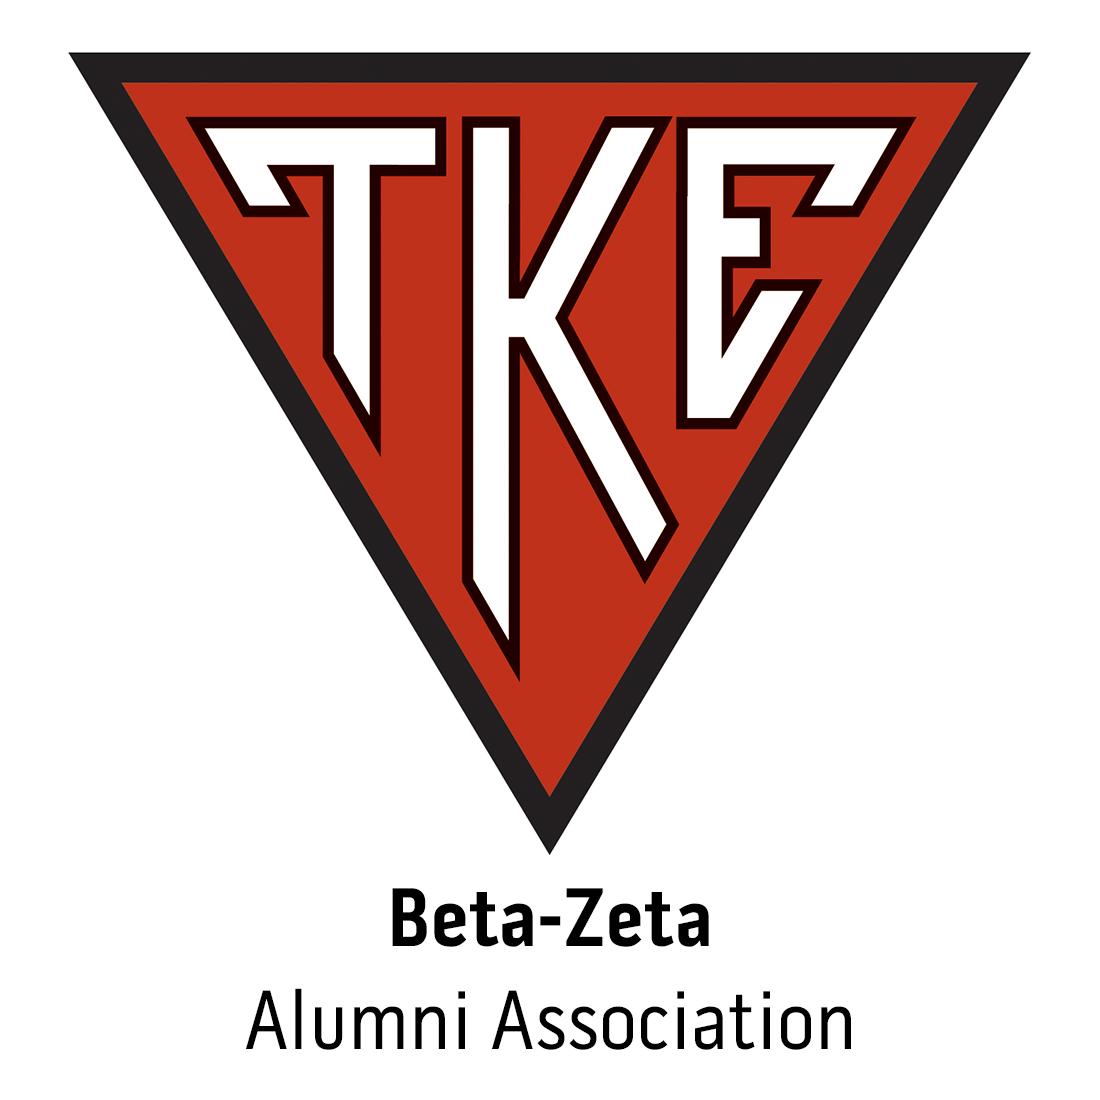 Beta-Zeta Alumni Association for Louisiana Tech University